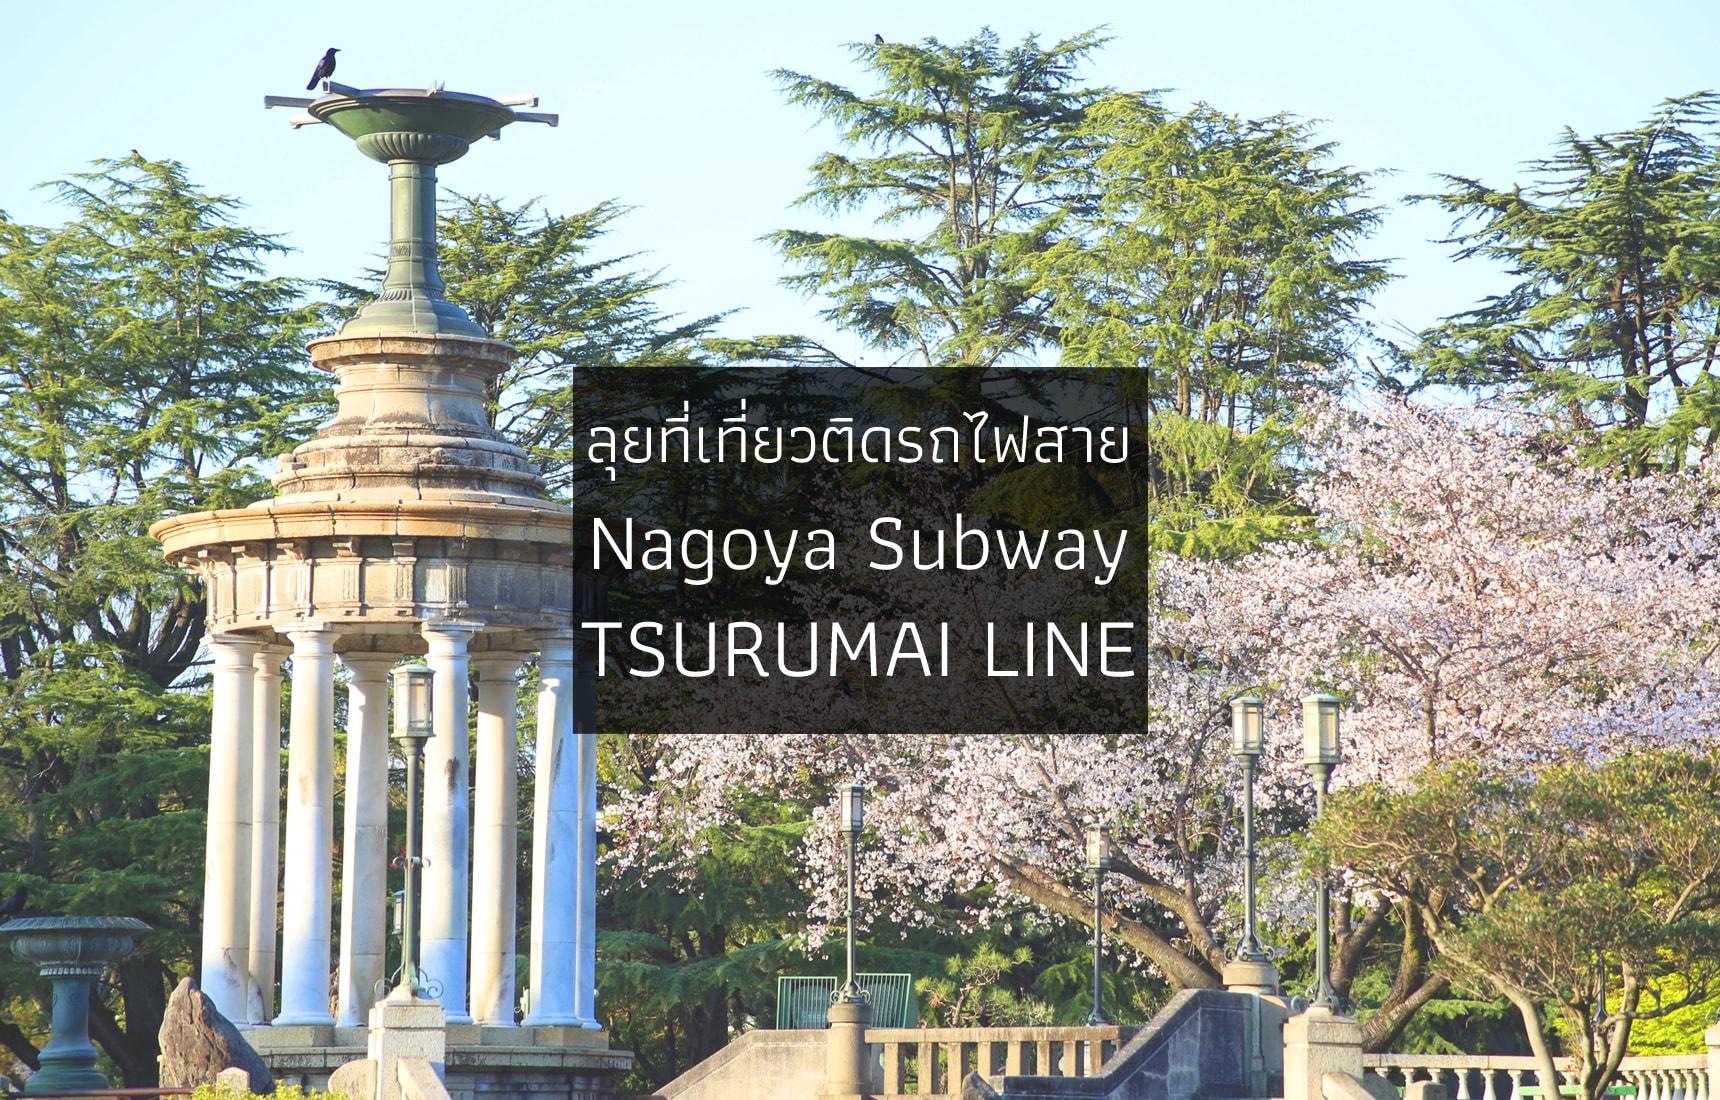 ลุยที่เที่ยวติดรถไฟสาย Nagoya Tsurumai Line